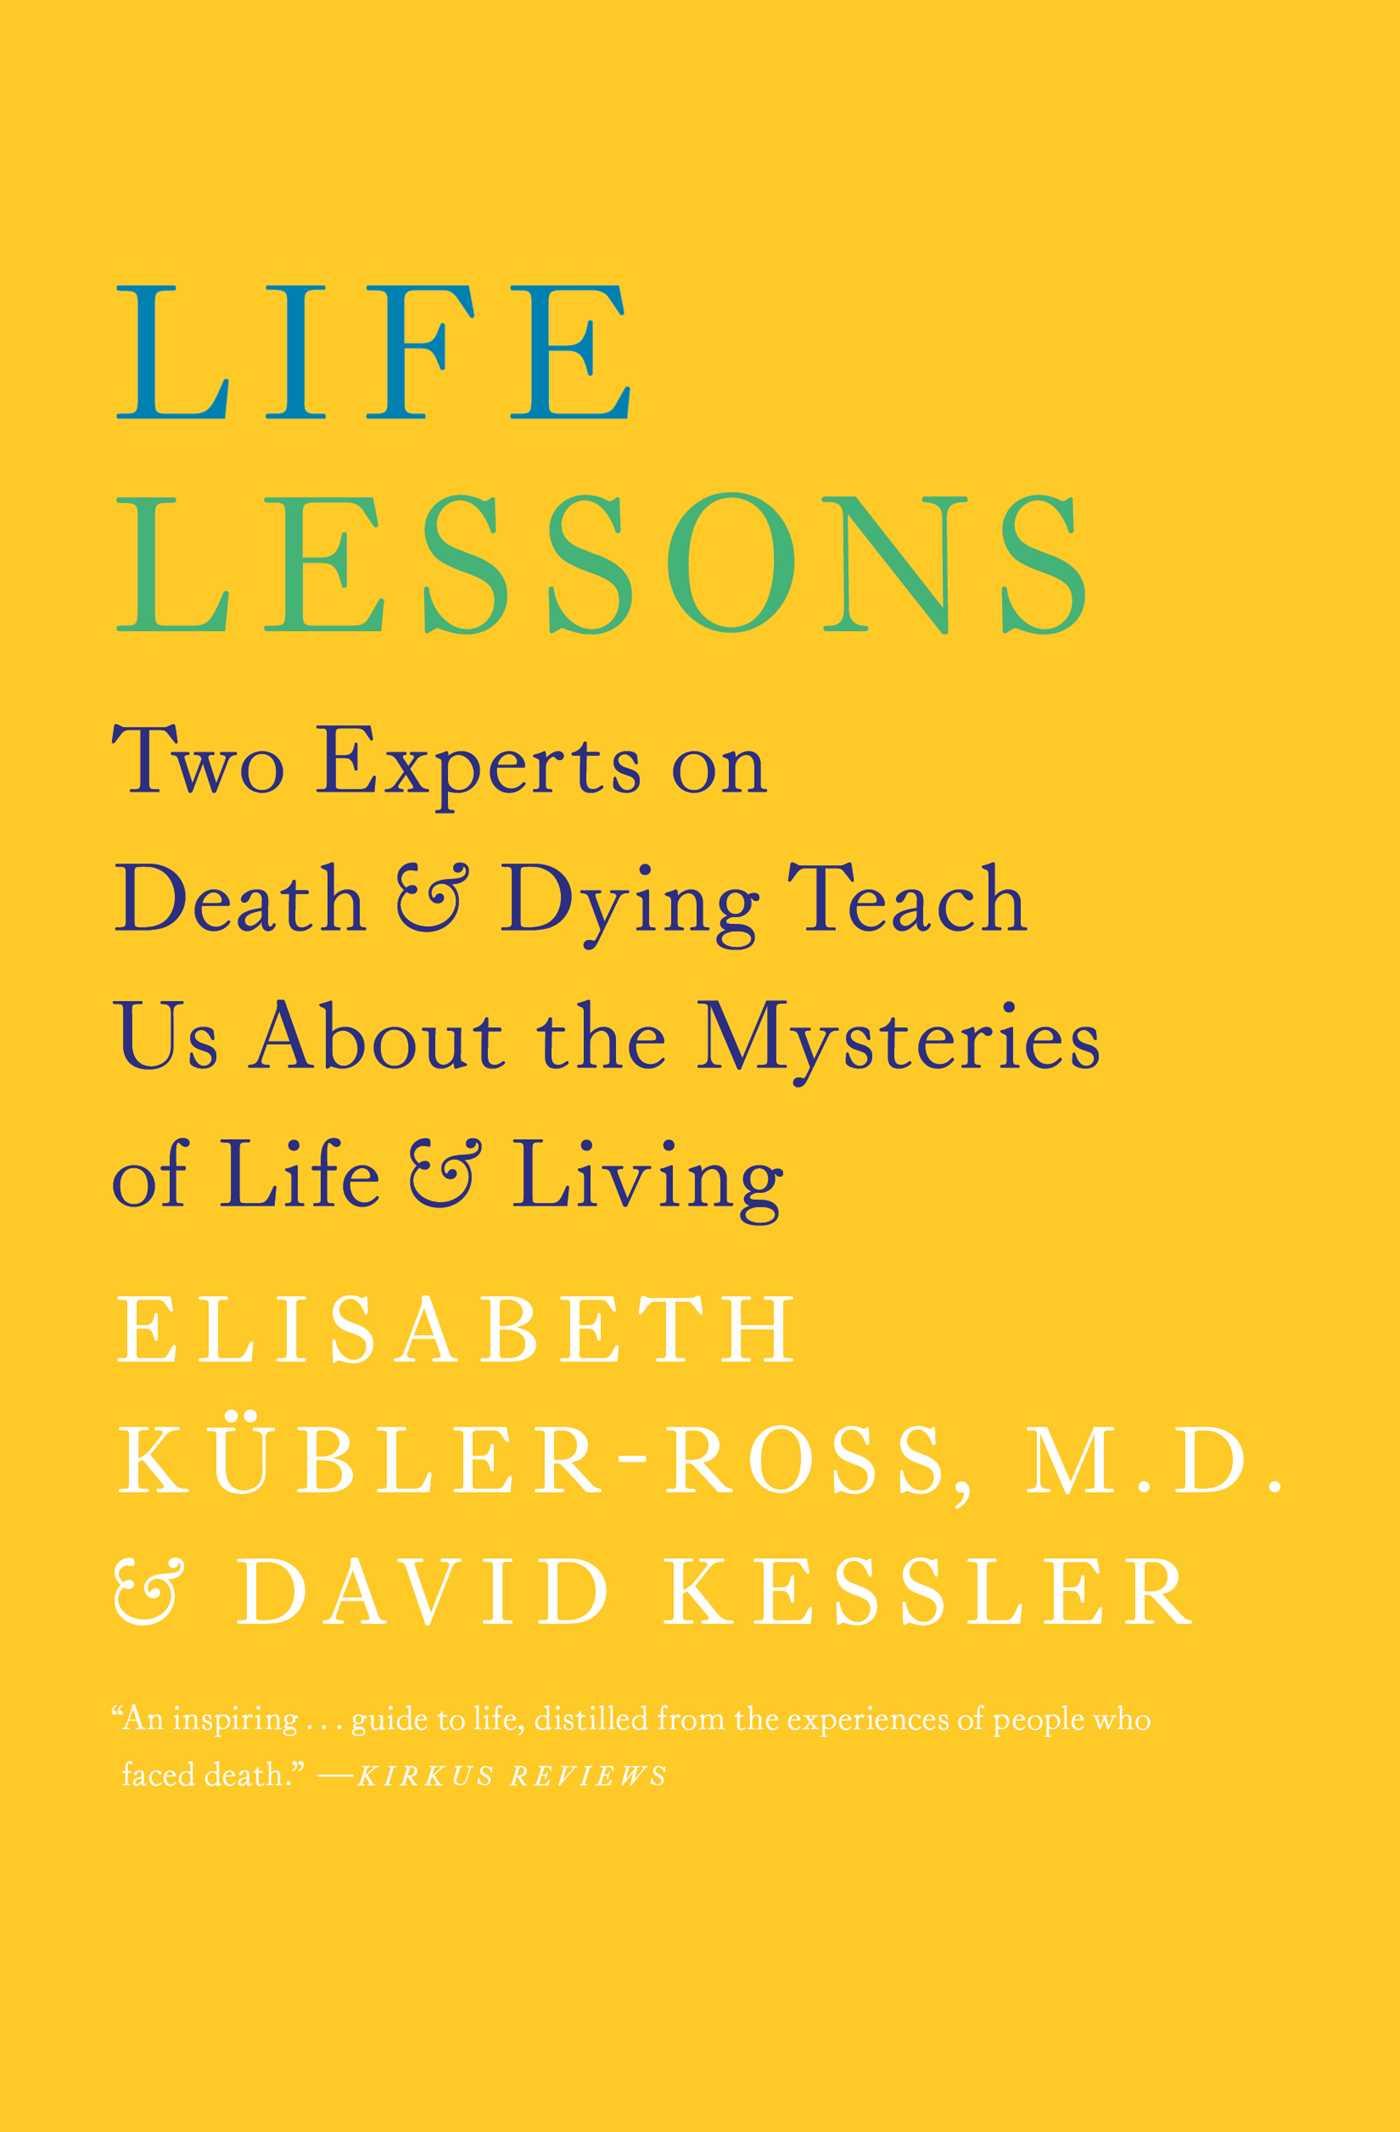 life lessons ebook by elisabeth kubler ross david kessler  life lessons ebook by elisabeth kubler ross david kessler official publisher page simon schuster